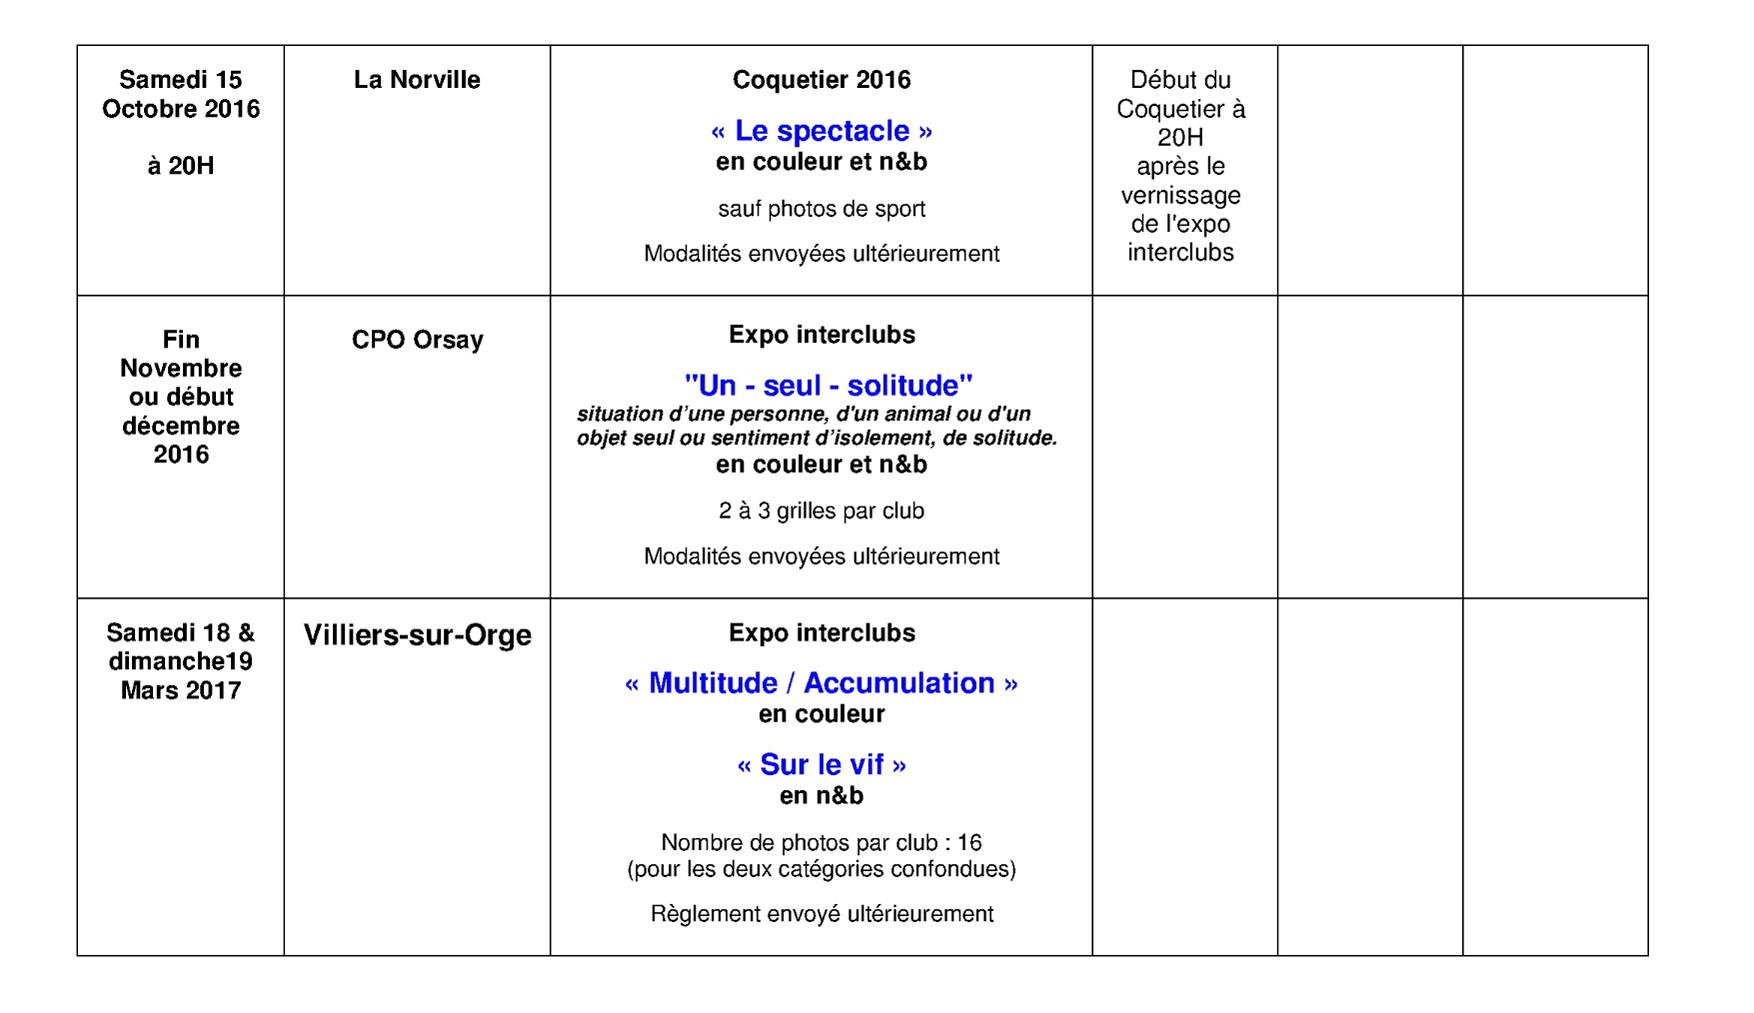 Planning prévisionnel des expos interclubs CDP91 saison 2016-17 version 02 page 3